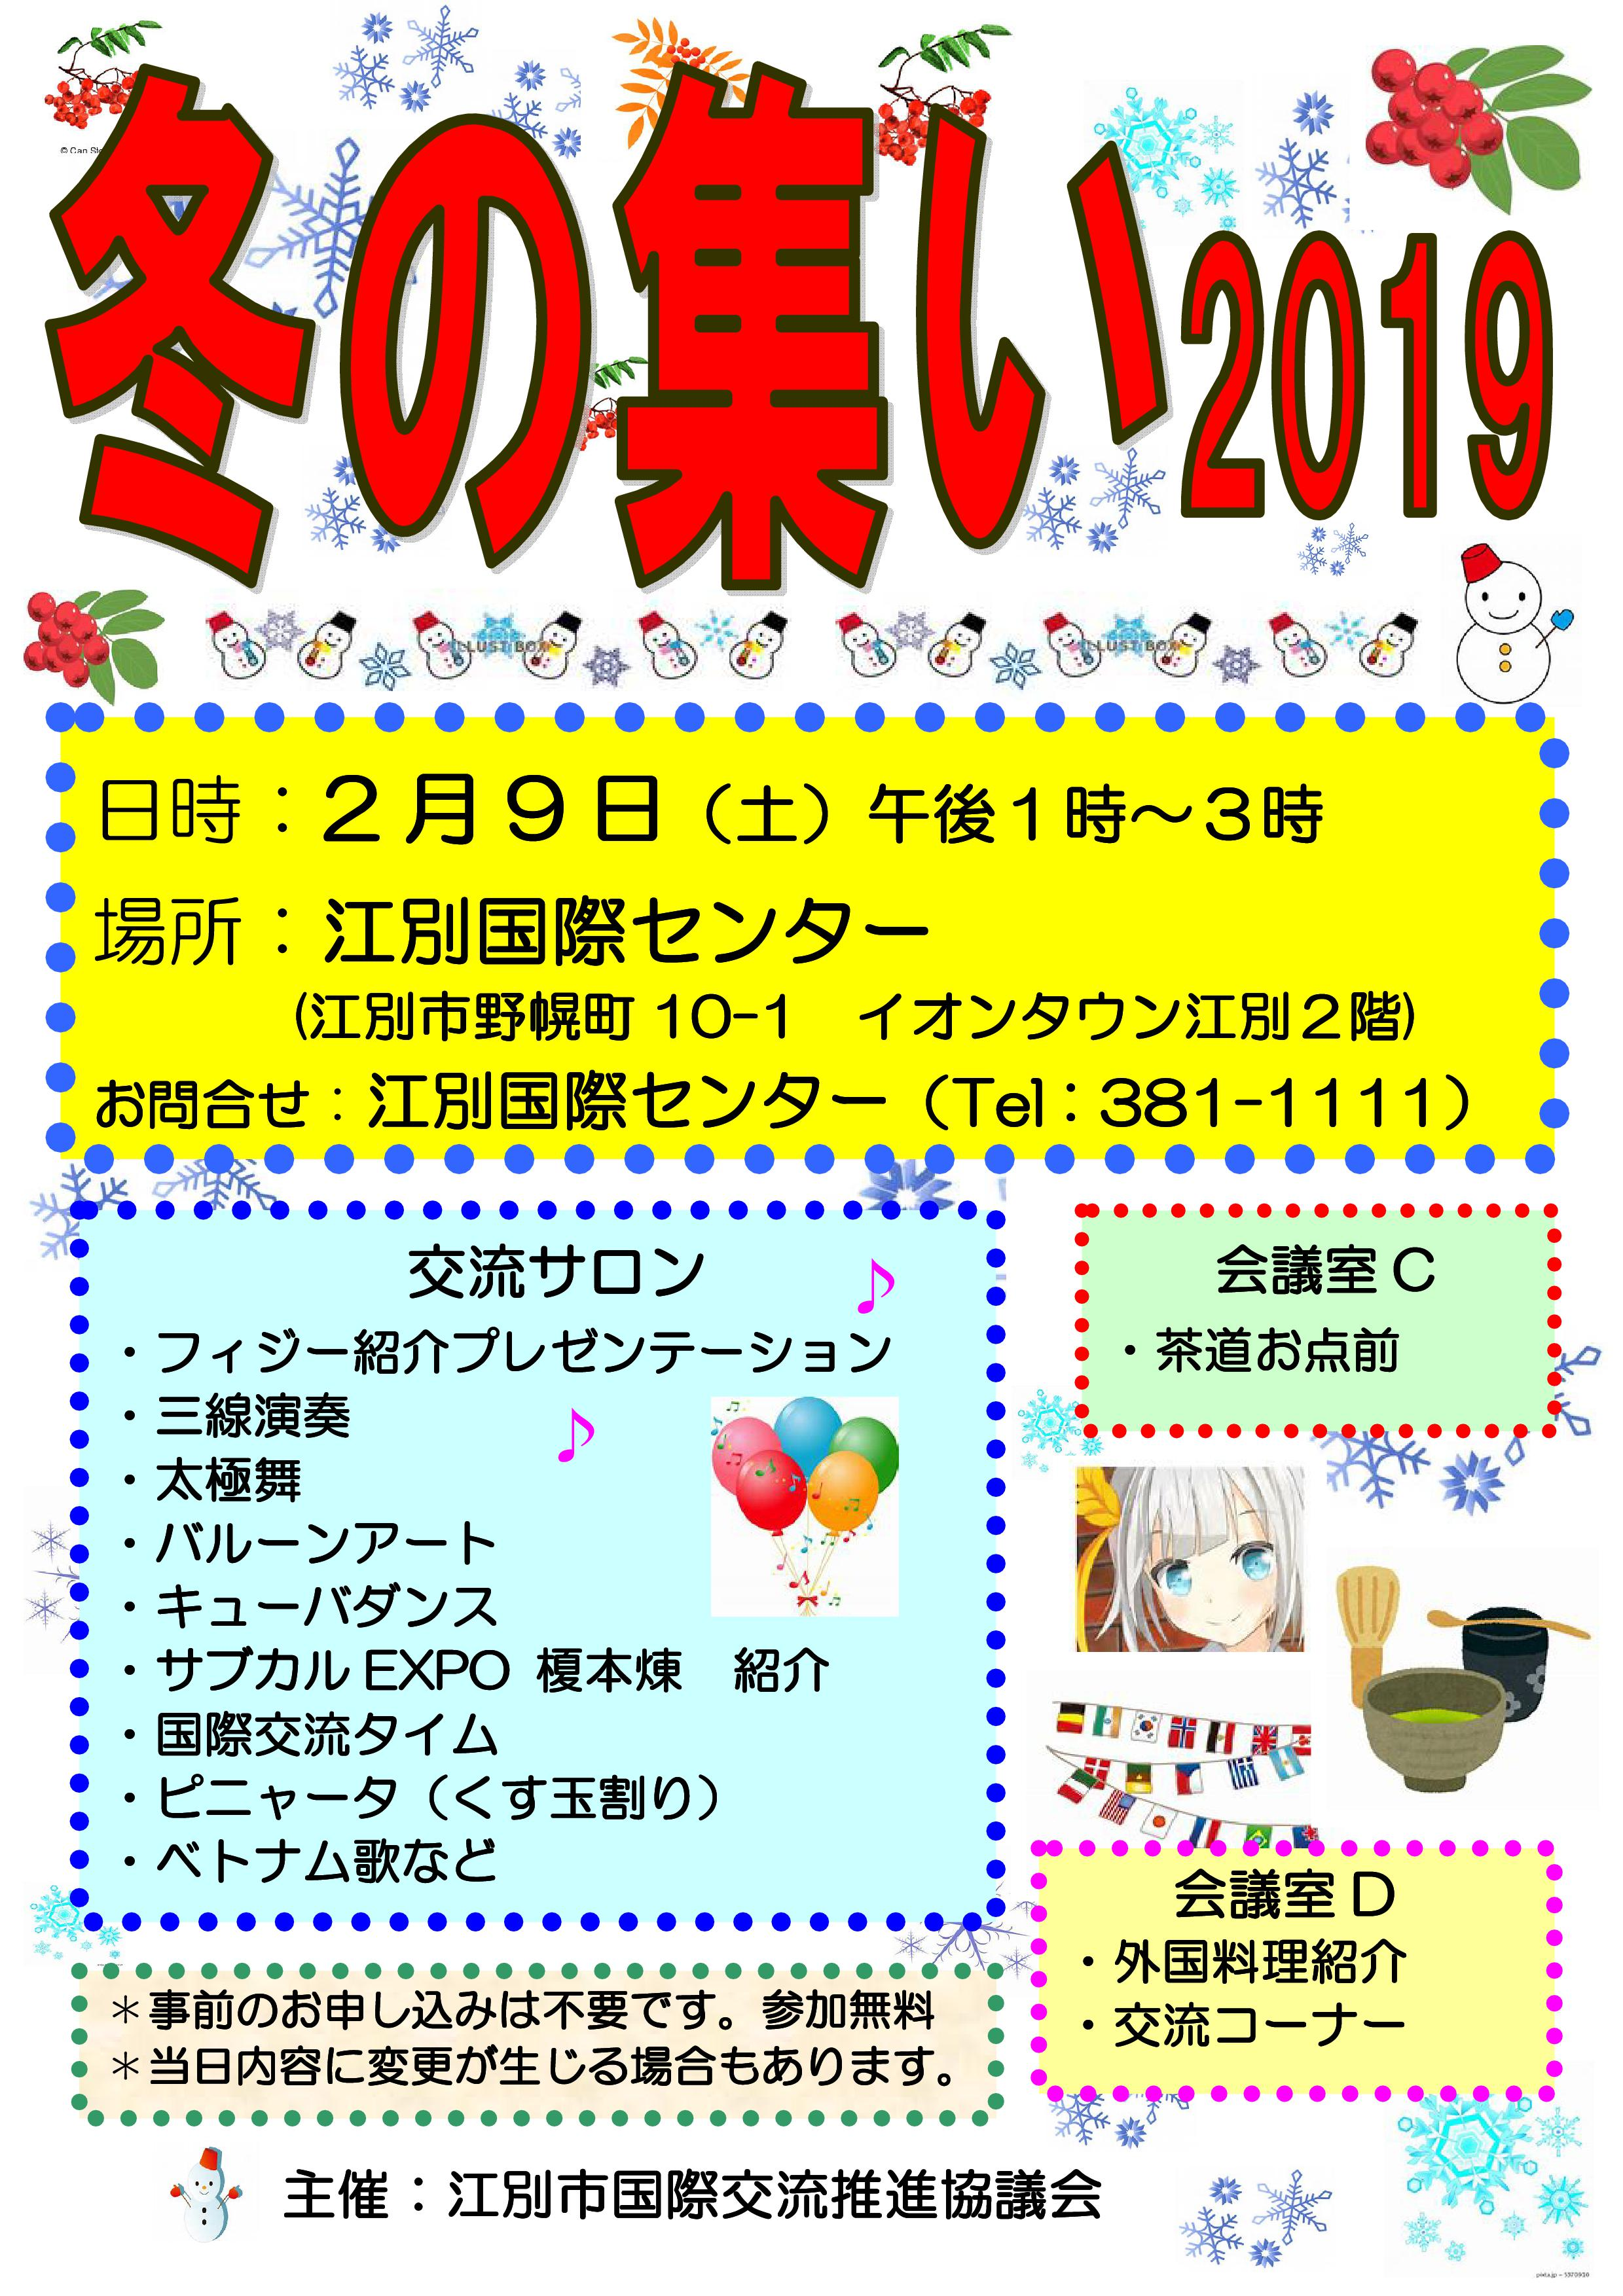 「冬の集い2019」開催のお知らせのイメージ